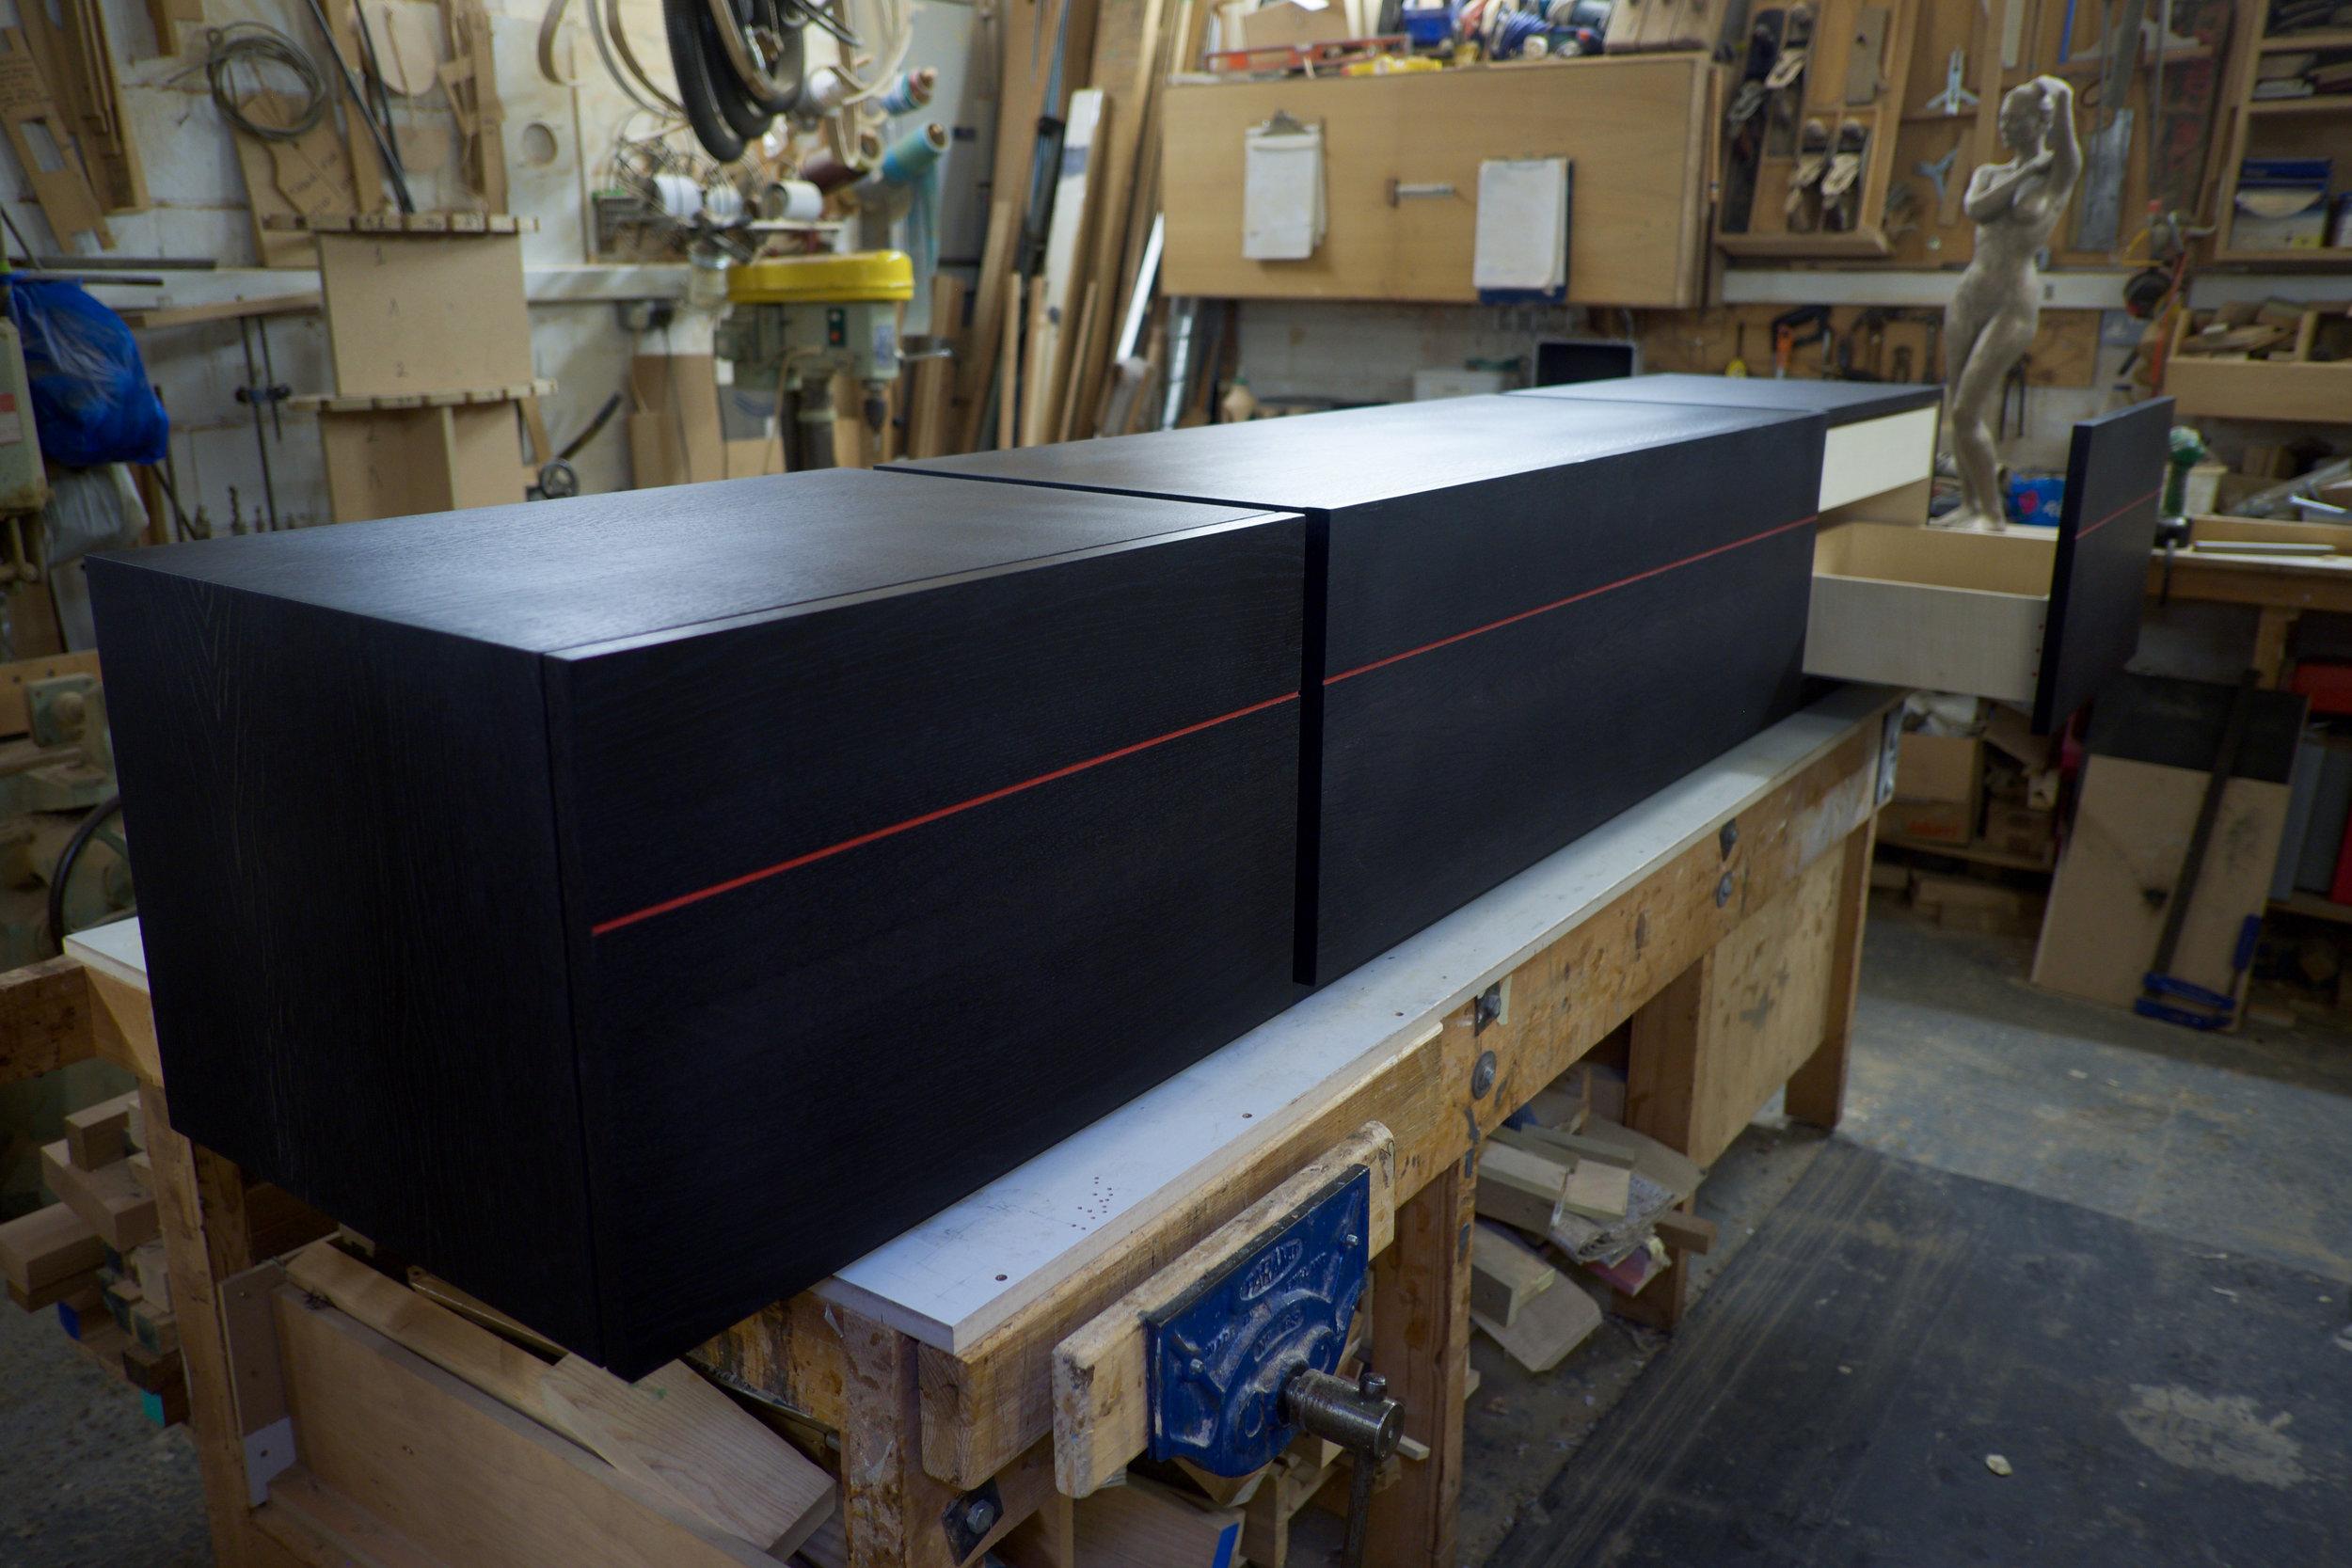 The Basso AV Unit - drawer section open